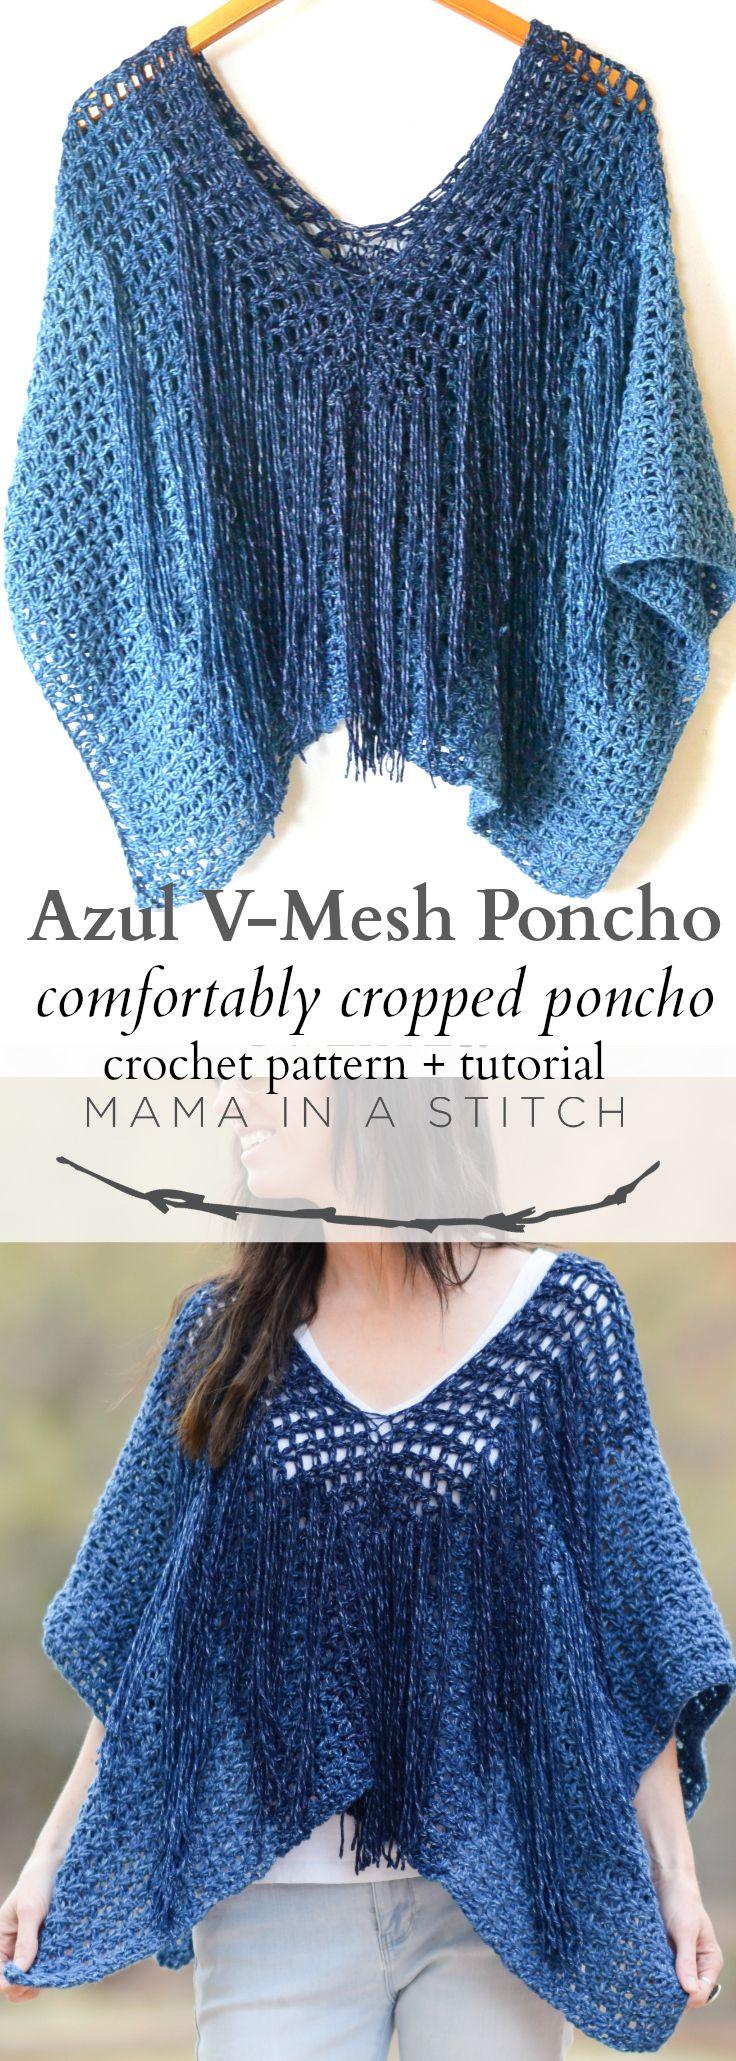 Azul V-Mesh Easy Crochet Poncho Pattern   Pinterest   Crochet poncho ...